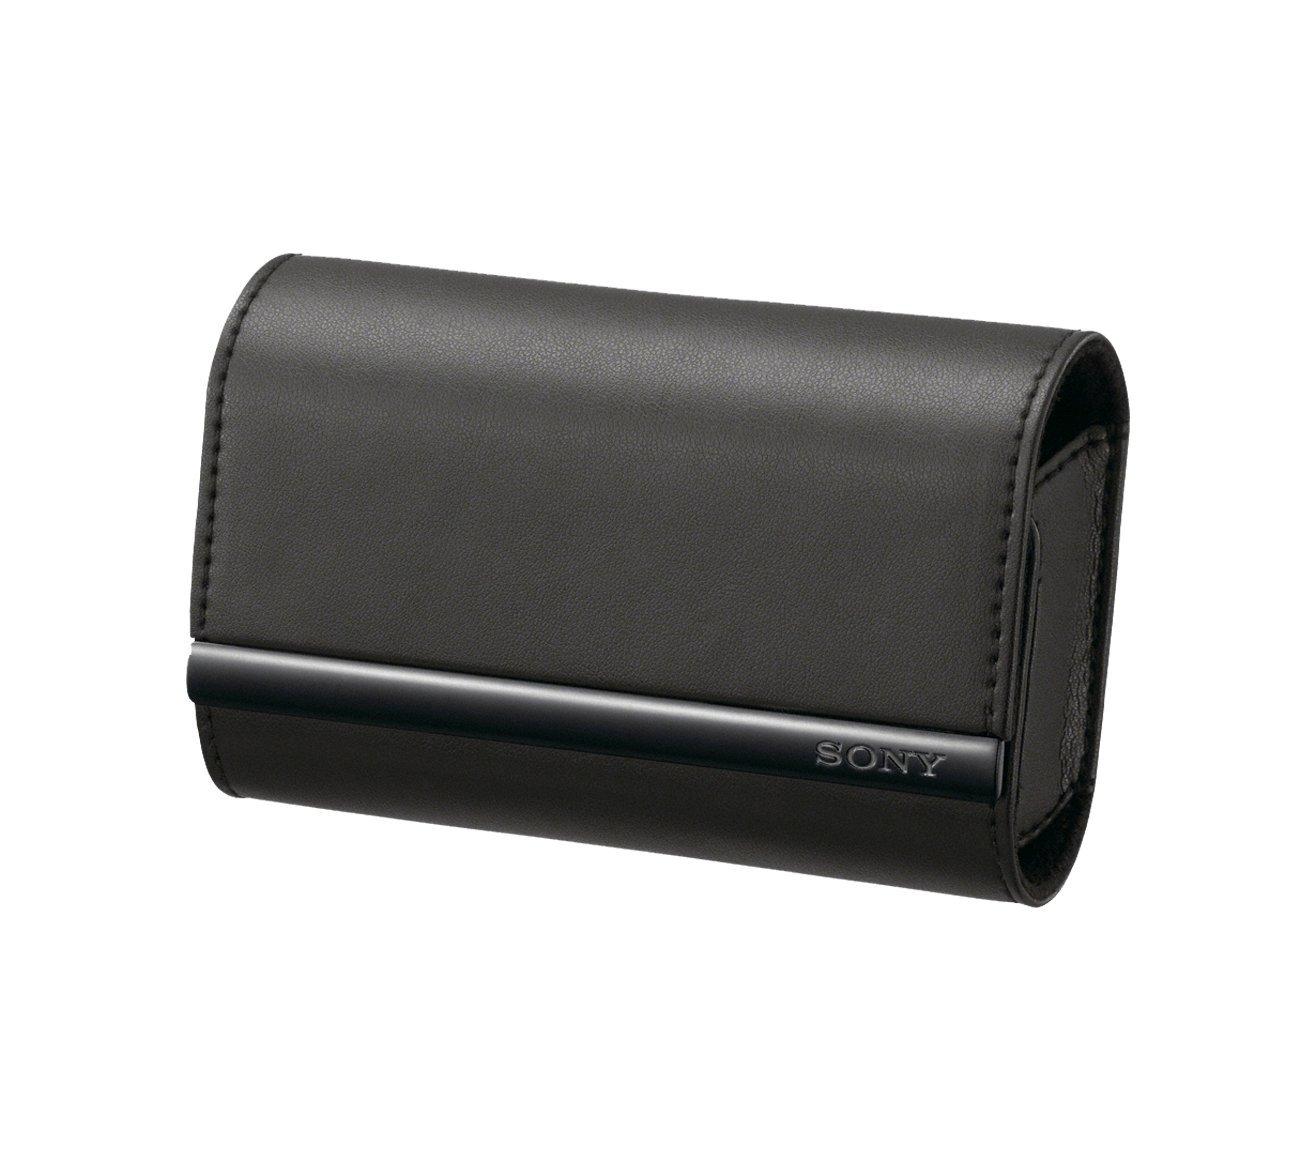 Sony LCSTWJ - Bolsa semidura para cámaras digitales, color negro  Electrónica Revisión del cliente